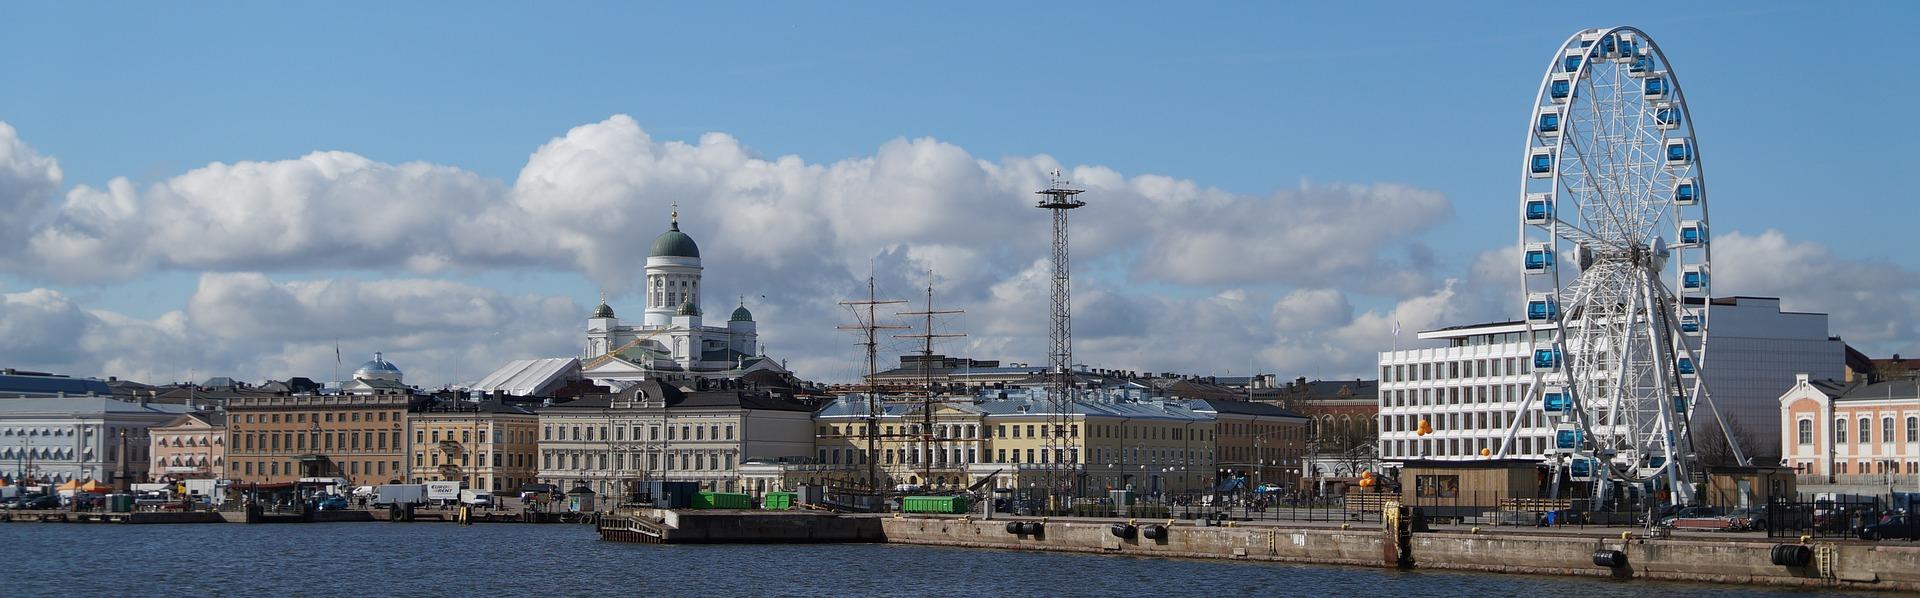 helsinki airport to city, helsinki airport to city center, helsinki airport transfer, helsinki airport train, How To Get From Helsinki Airport to City Center